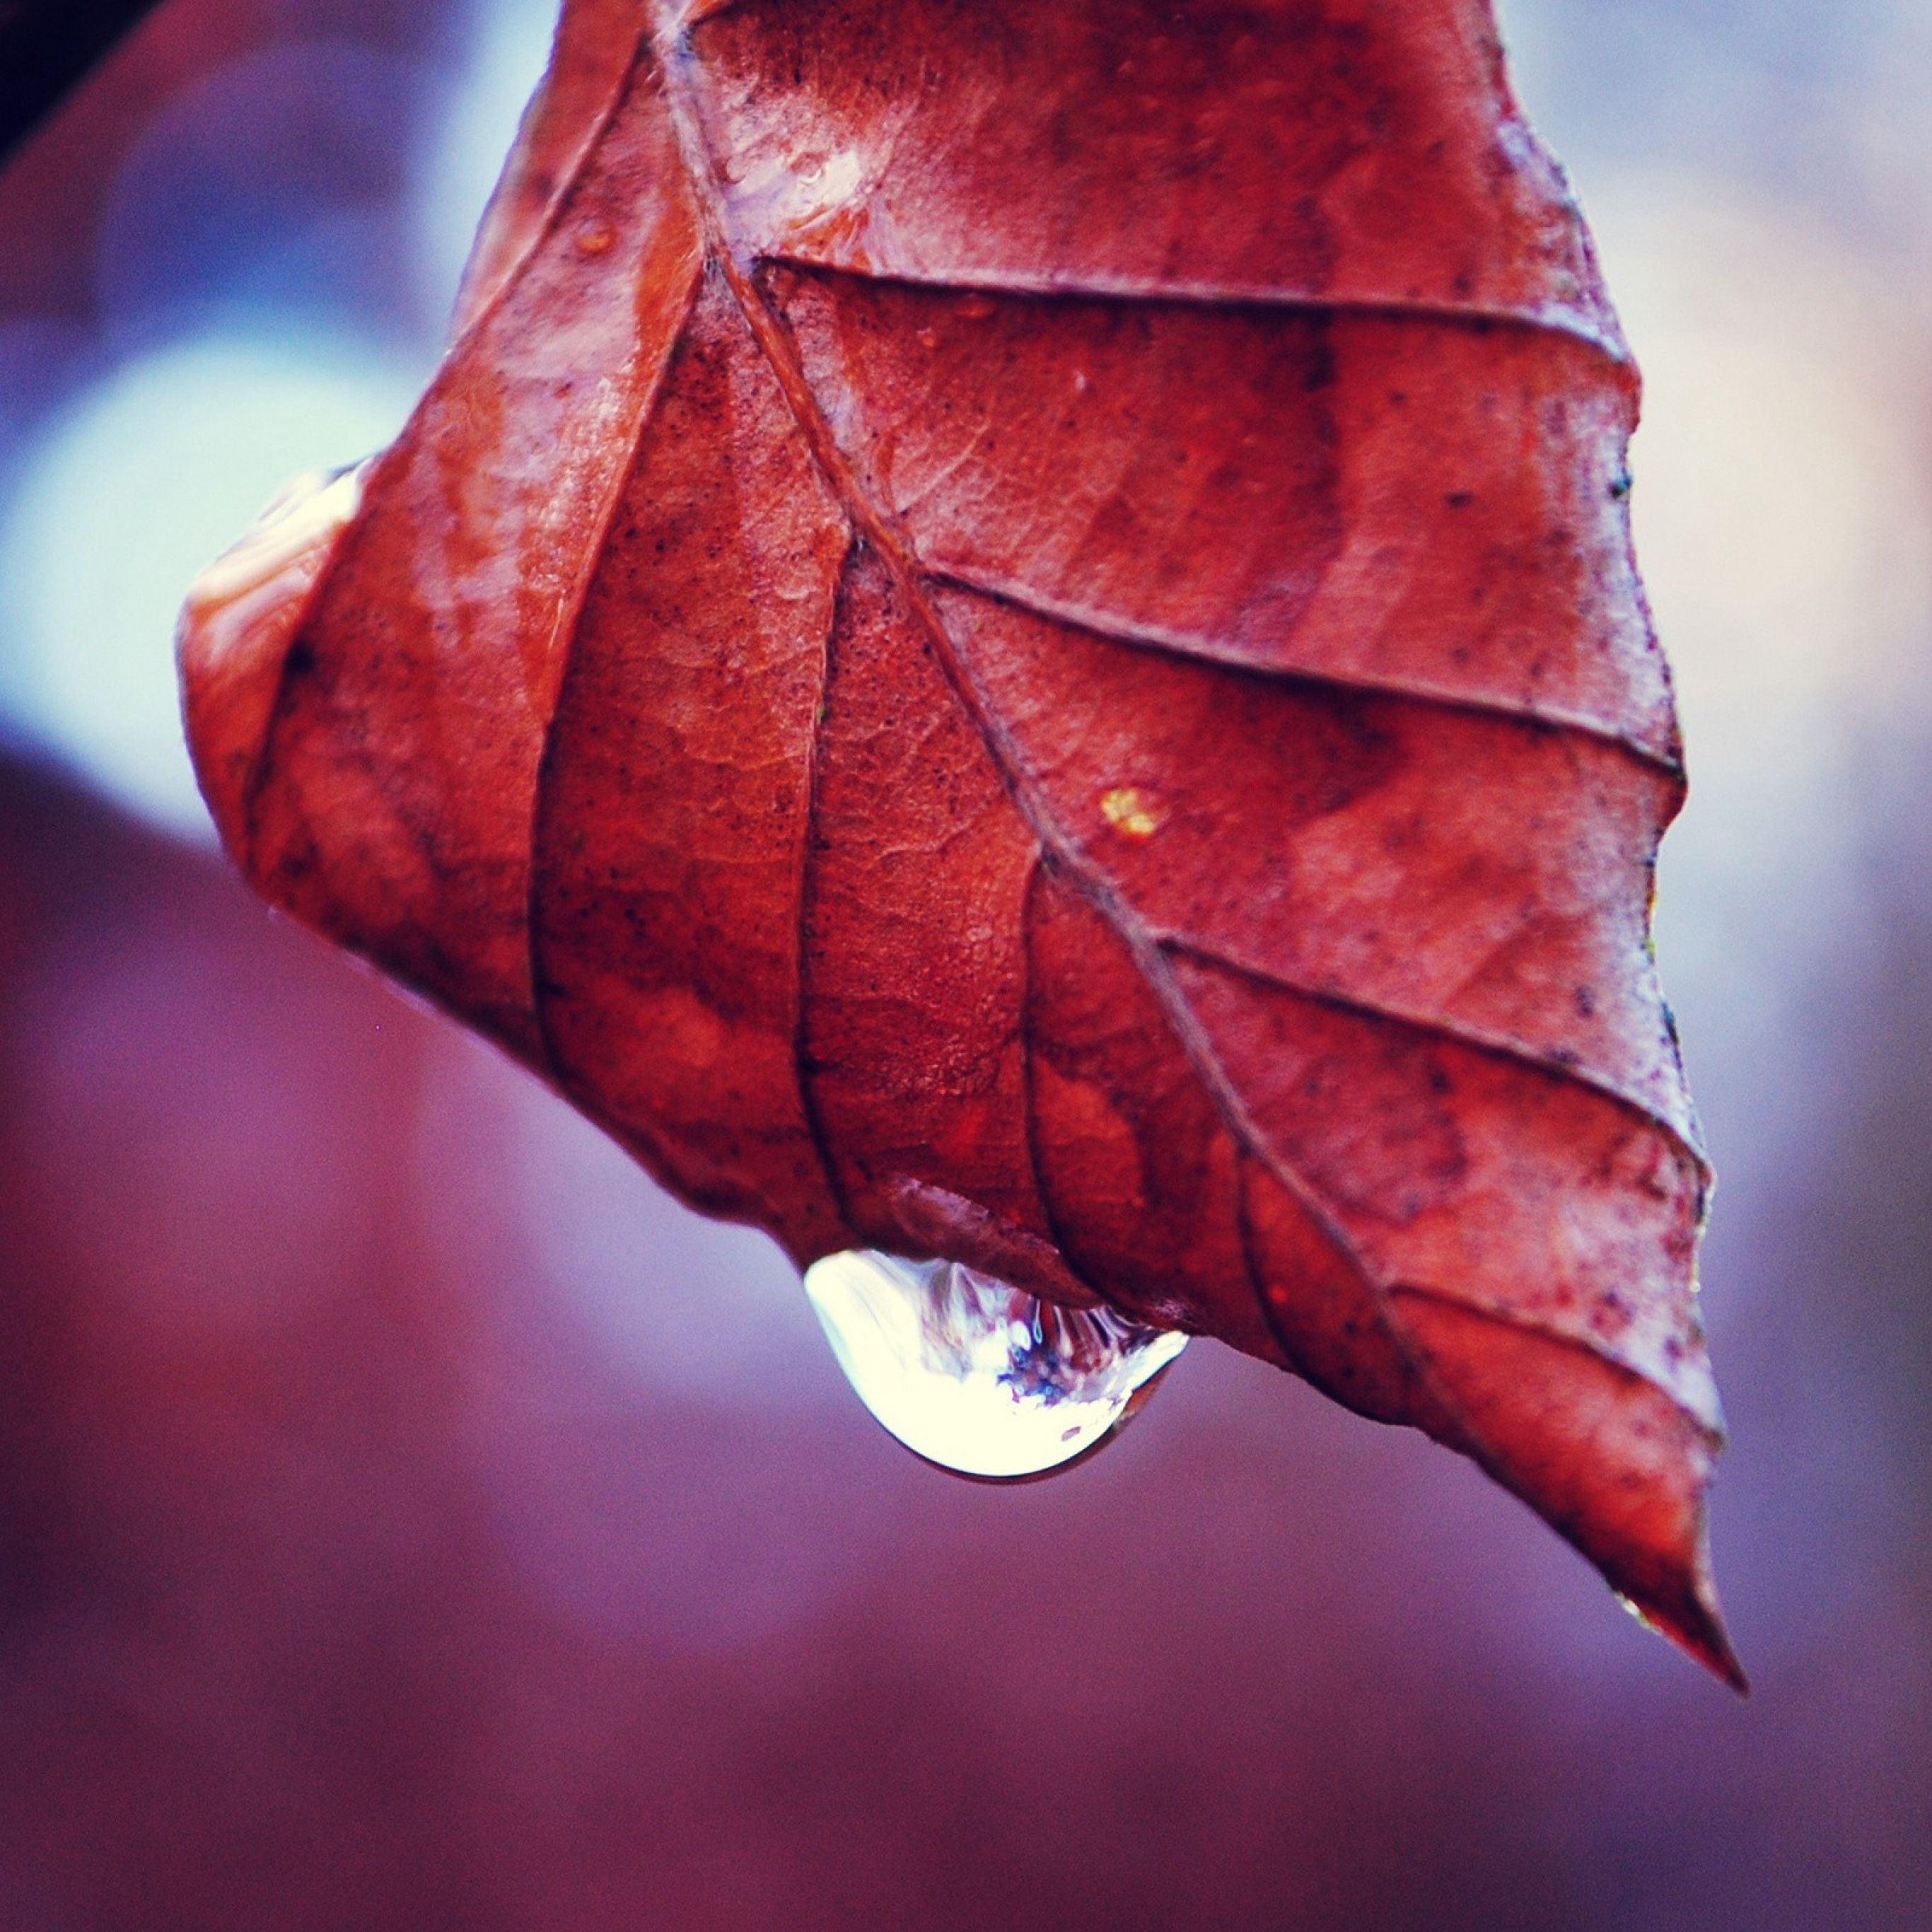 Leaf fall drop twig dry iPad Pro wallpaper